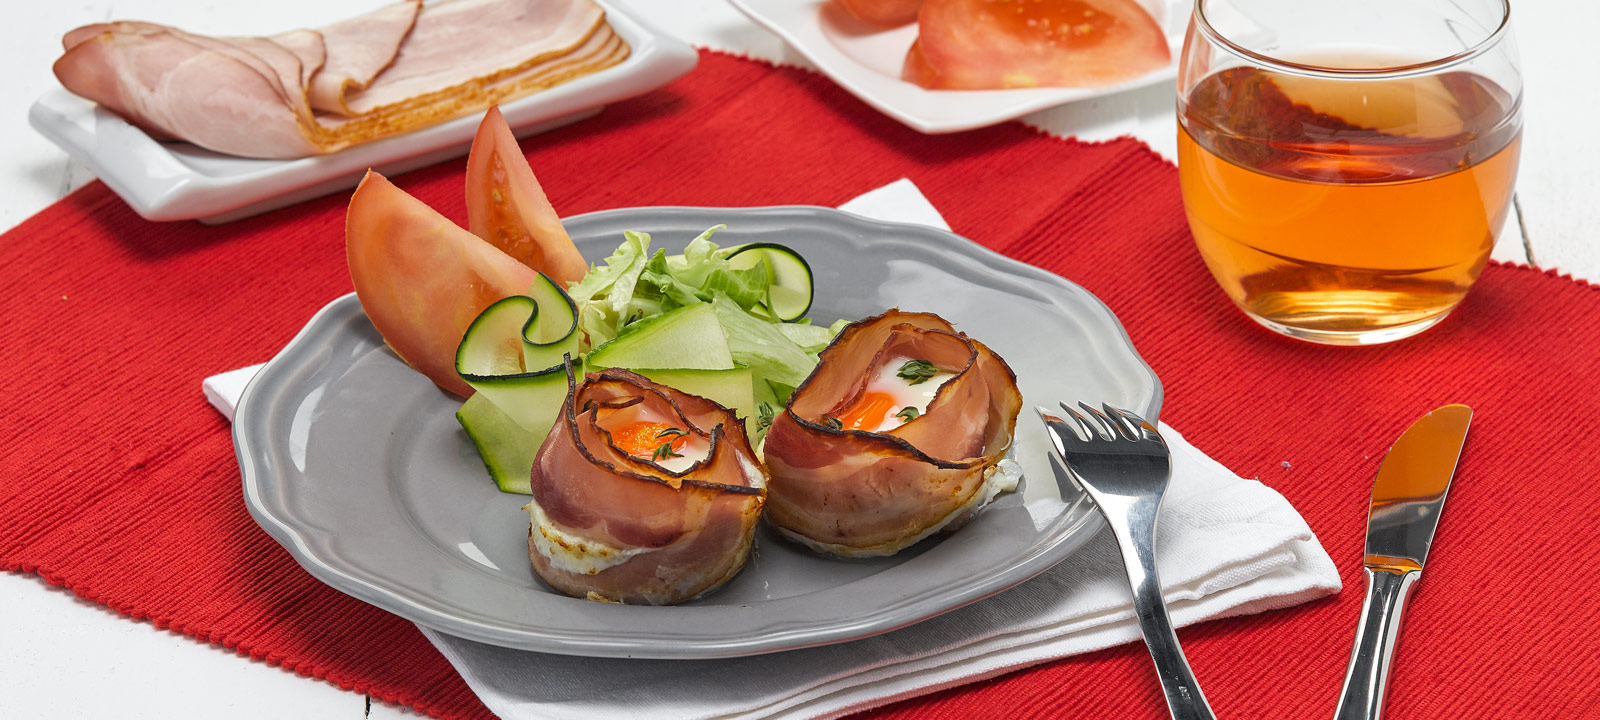 Ninhos de Bacon e Ovo